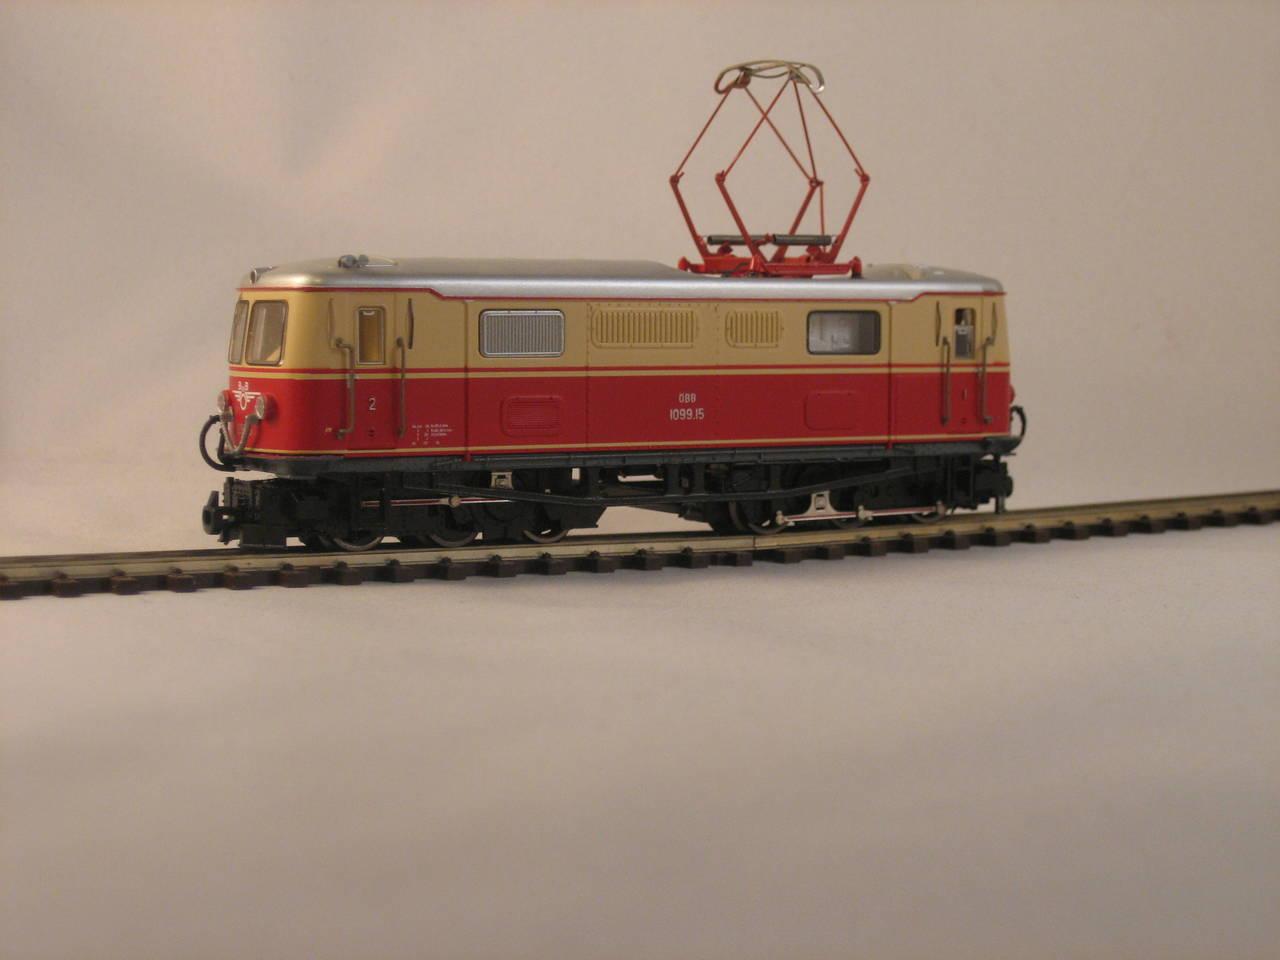 ÖBB BR 1099.15